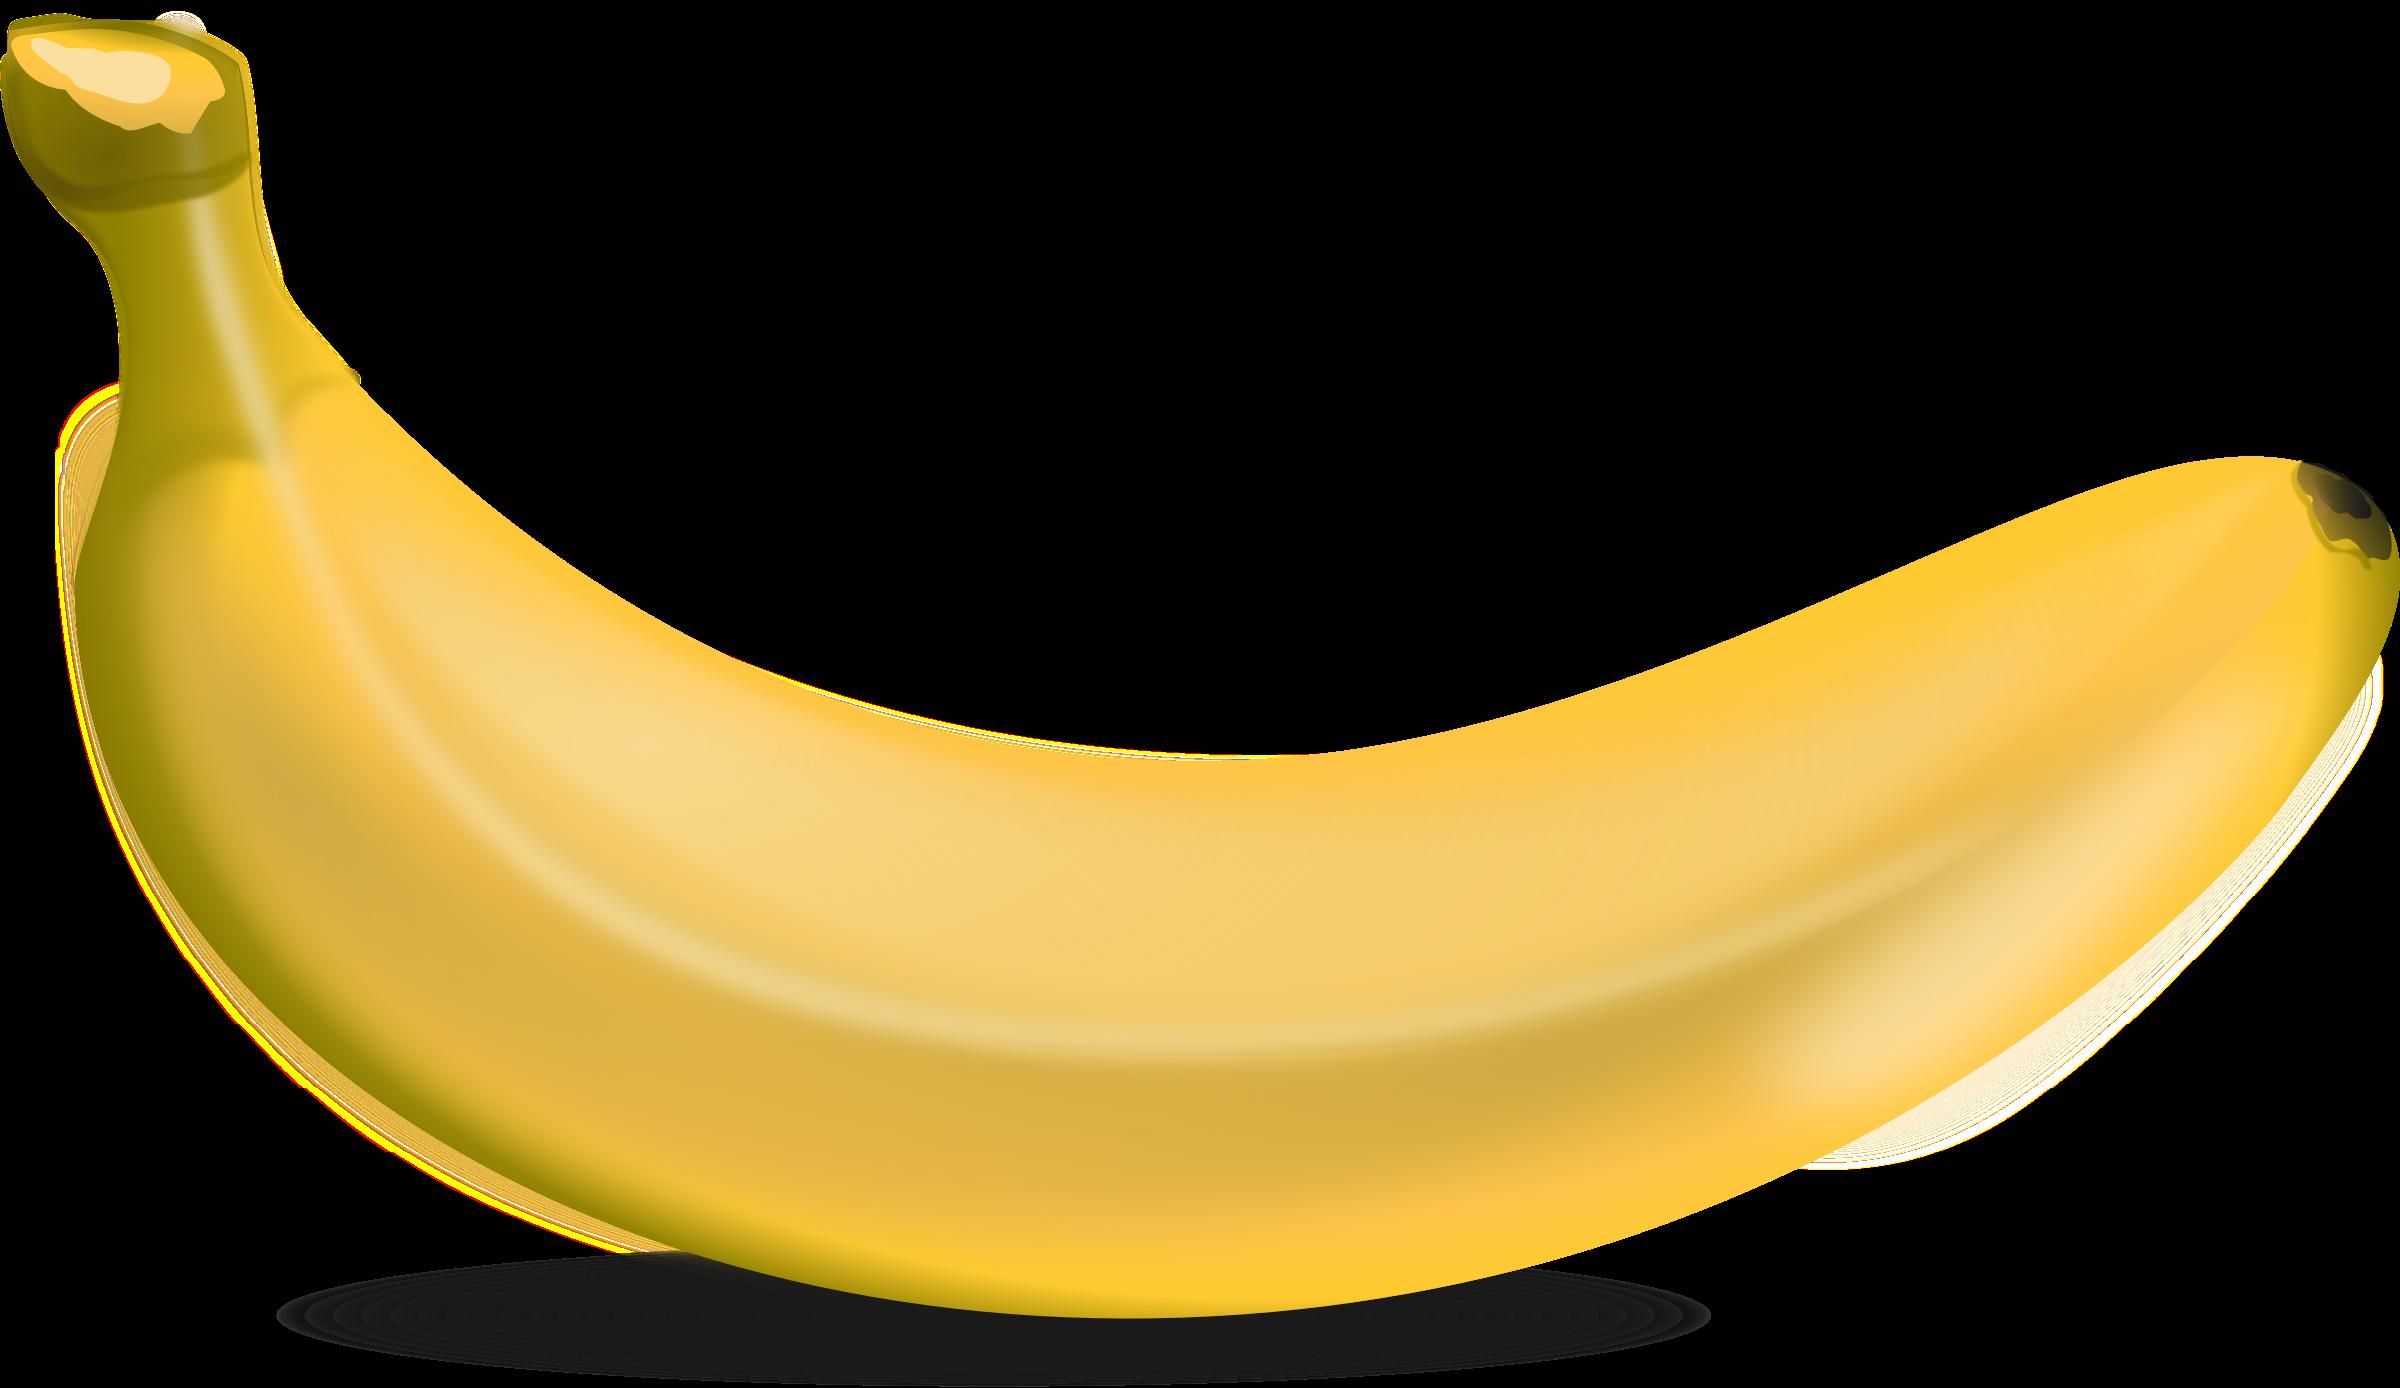 Banana Clip Art Free PNG